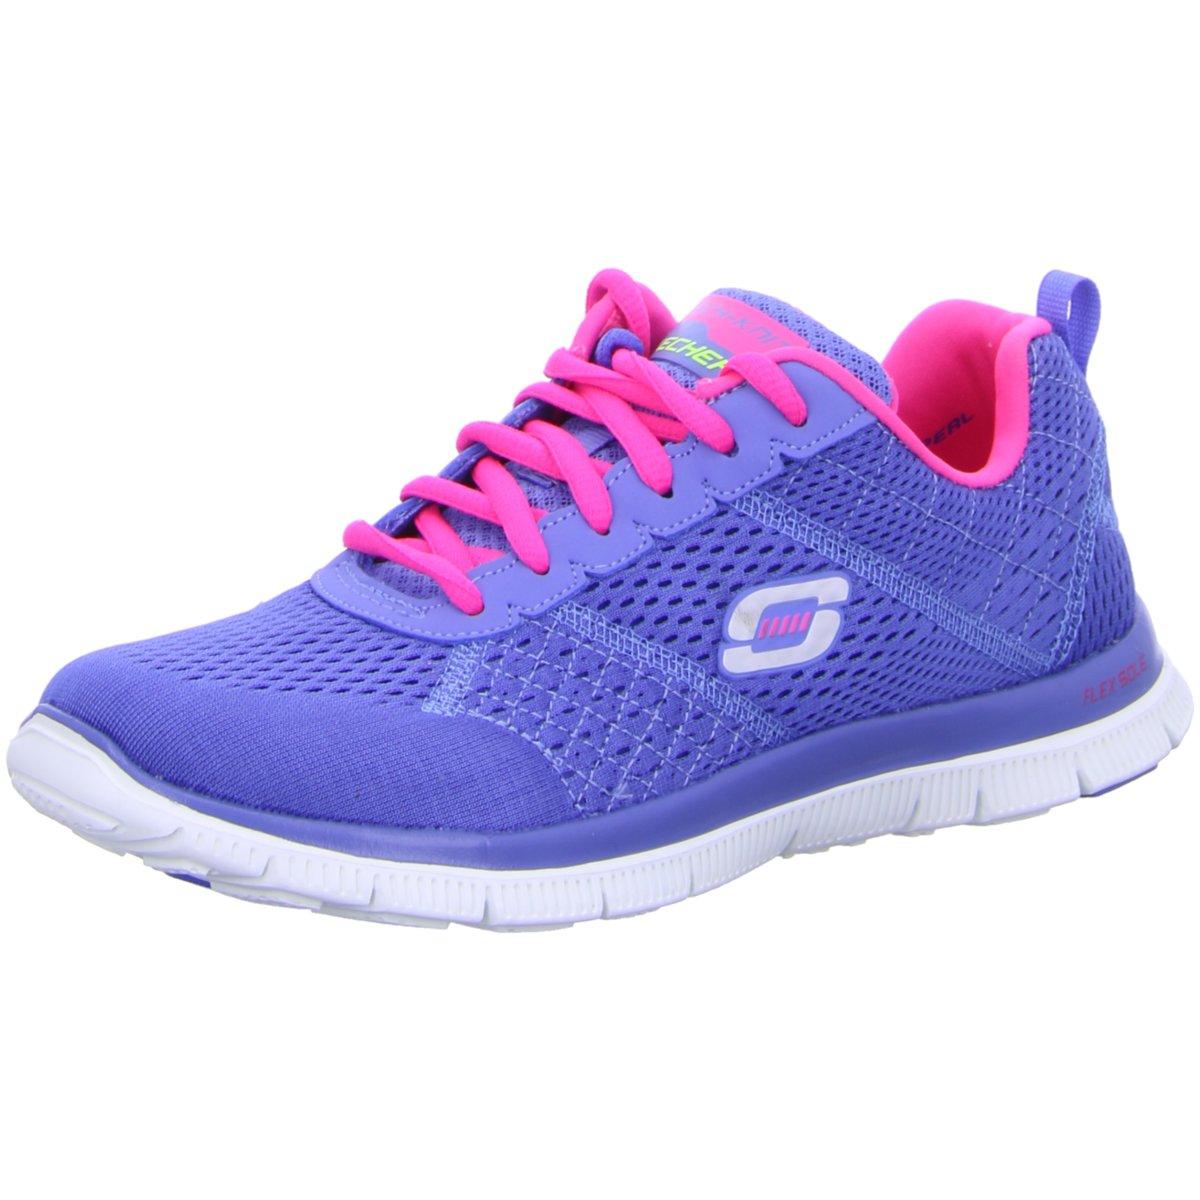 buy online 8a2a5 c09c2 Hot Fashion Fashion Fashion Nike Force Zoom Trout 4 917837-001,Black White  Black Black - NIB 0bf09e